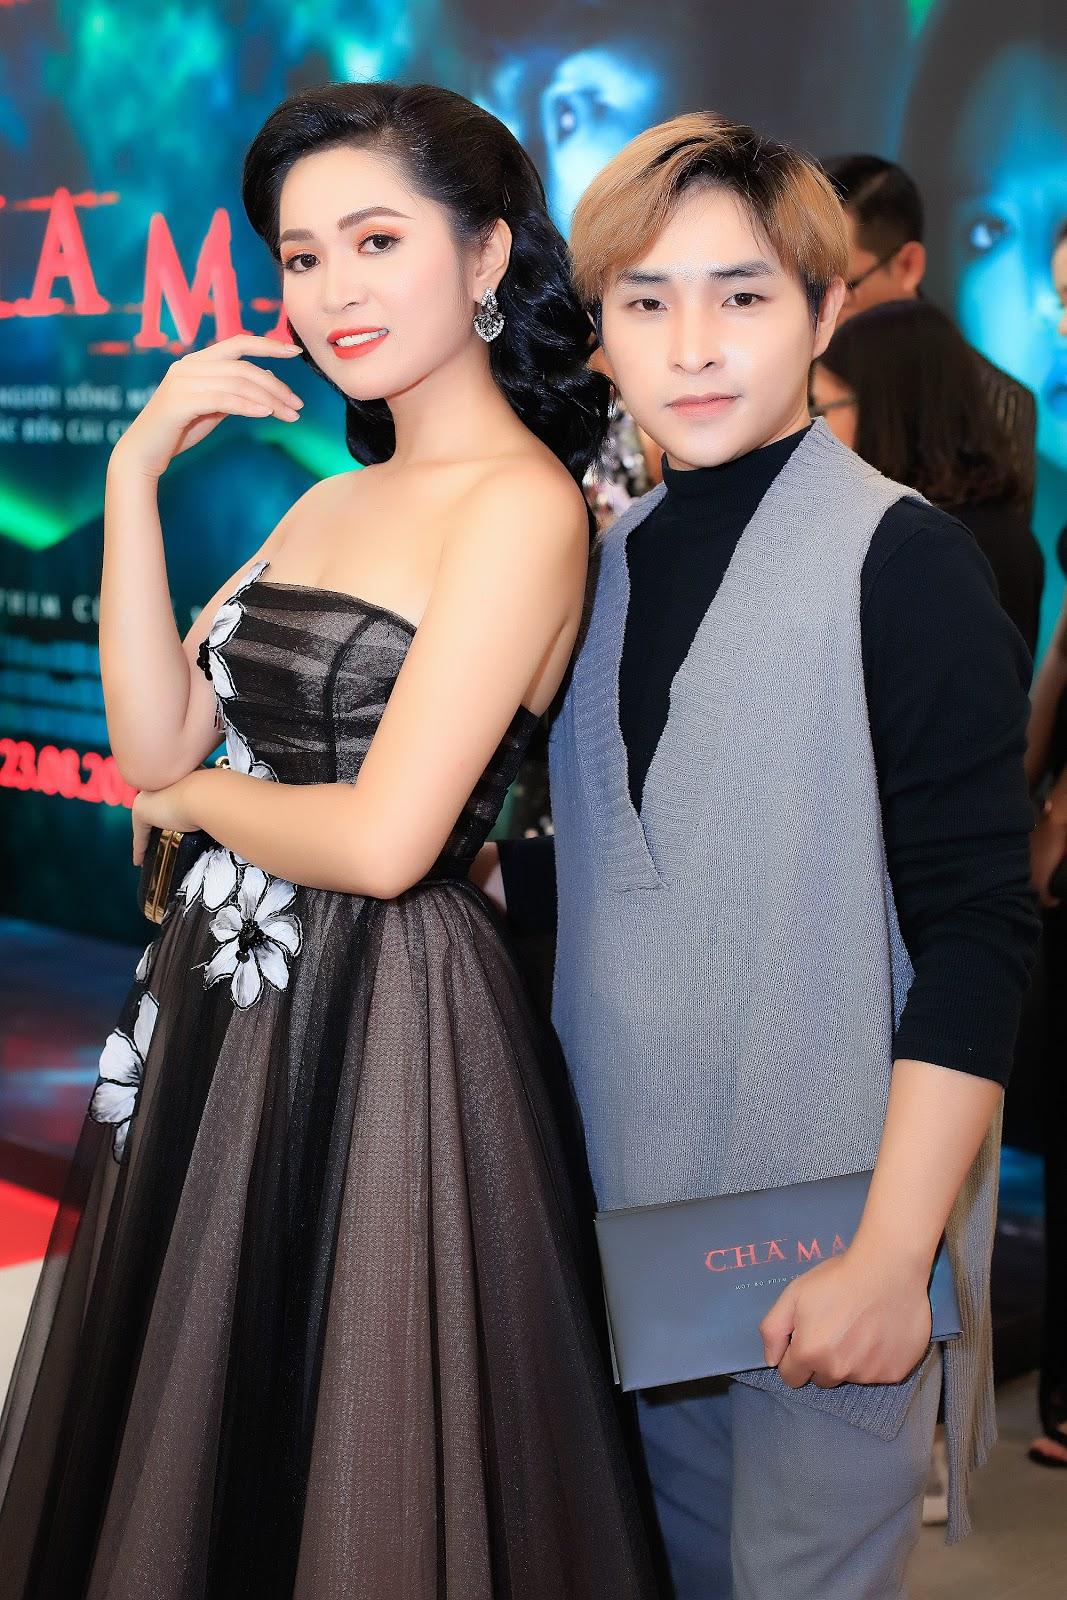 Nguyễn Duyên Quỳnh xuất hiện đầy thần thái, quyến rũ trên thảm đỏ của phim điện ảnh Cha Ma - Hình 7